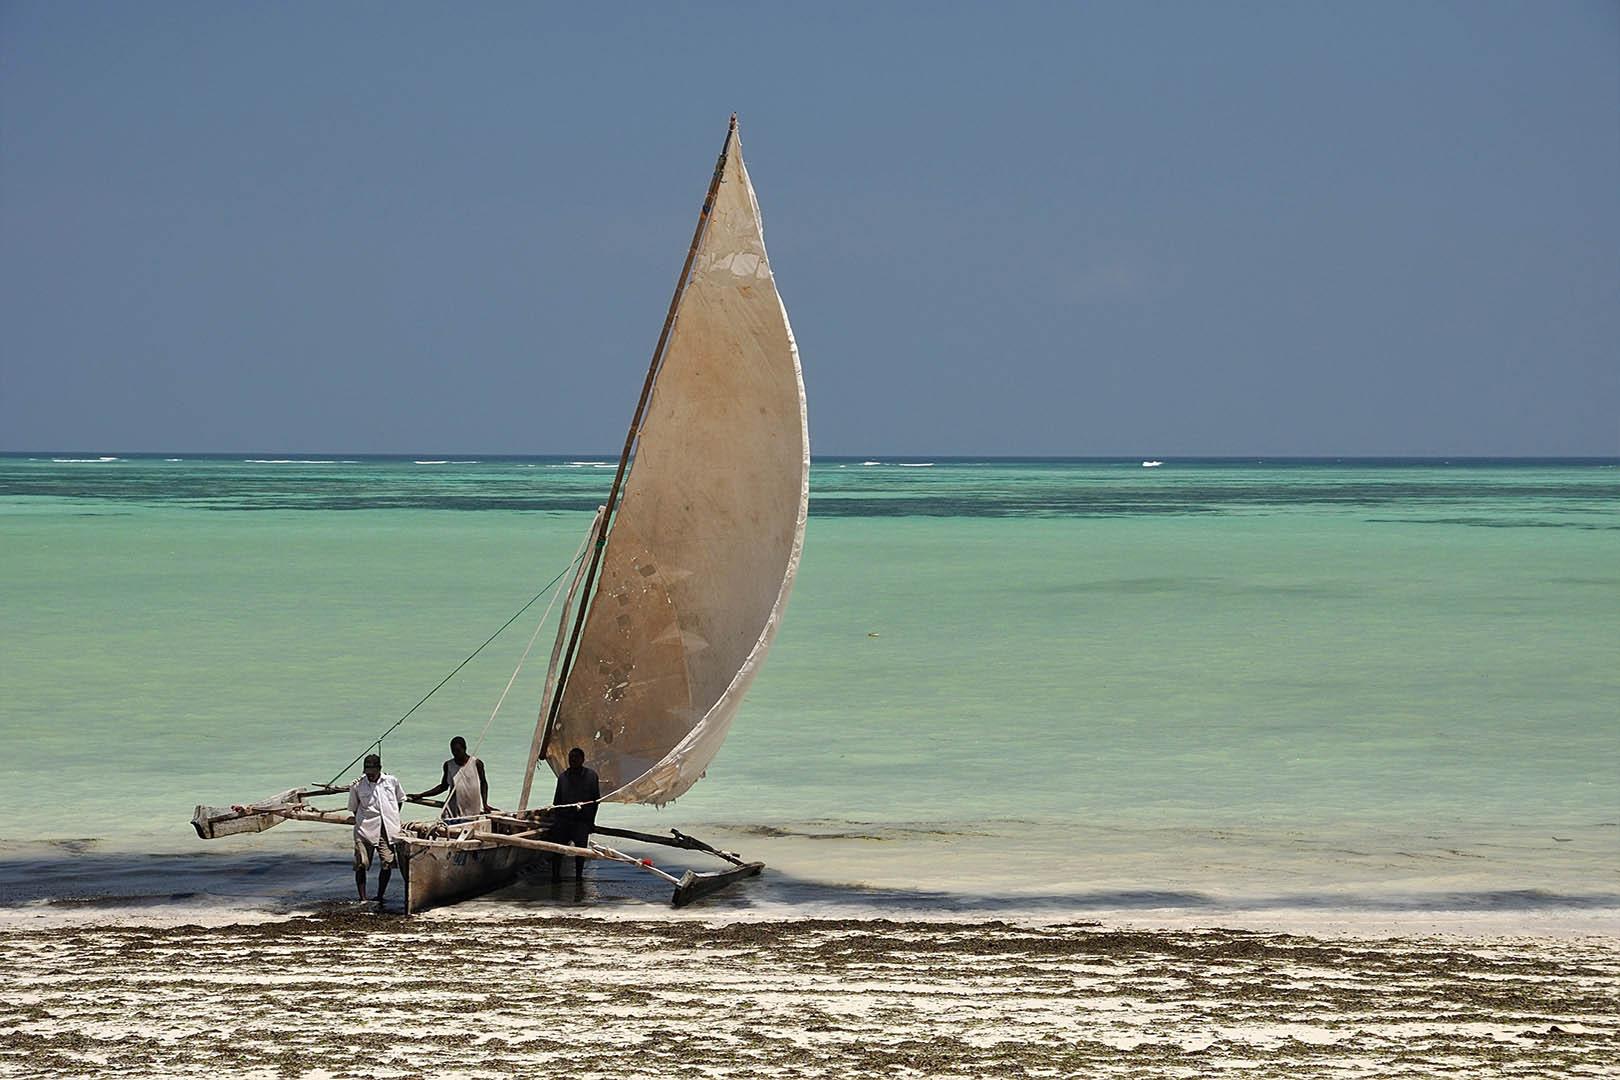 gallery-maasai-wanderings-safari-itineraries-signature-photo-safaris-africa-boat